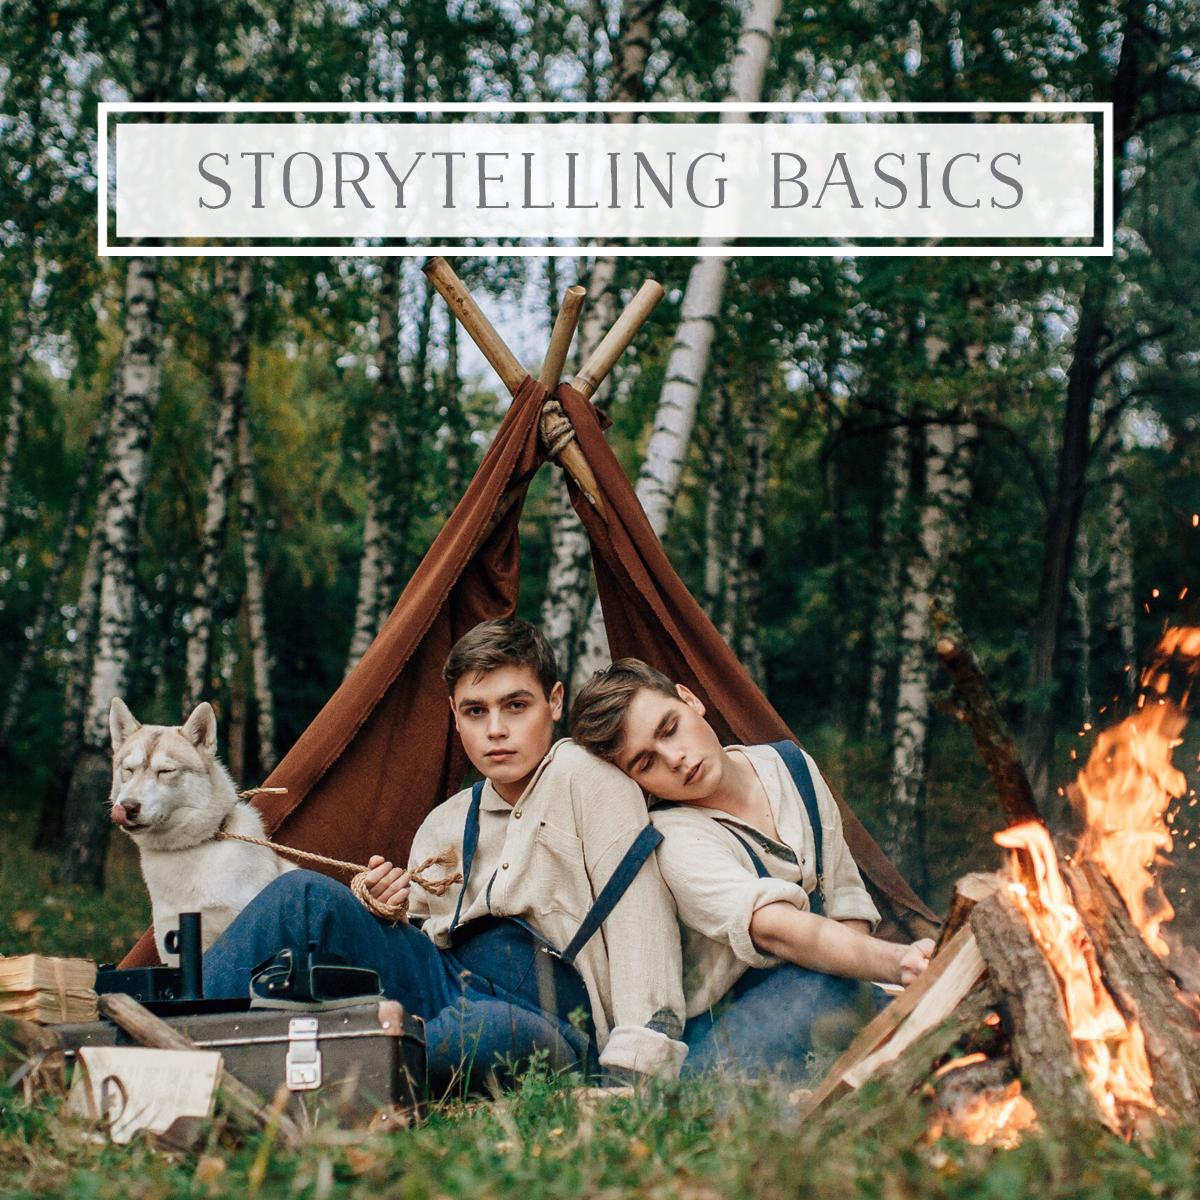 Storytelling Basics